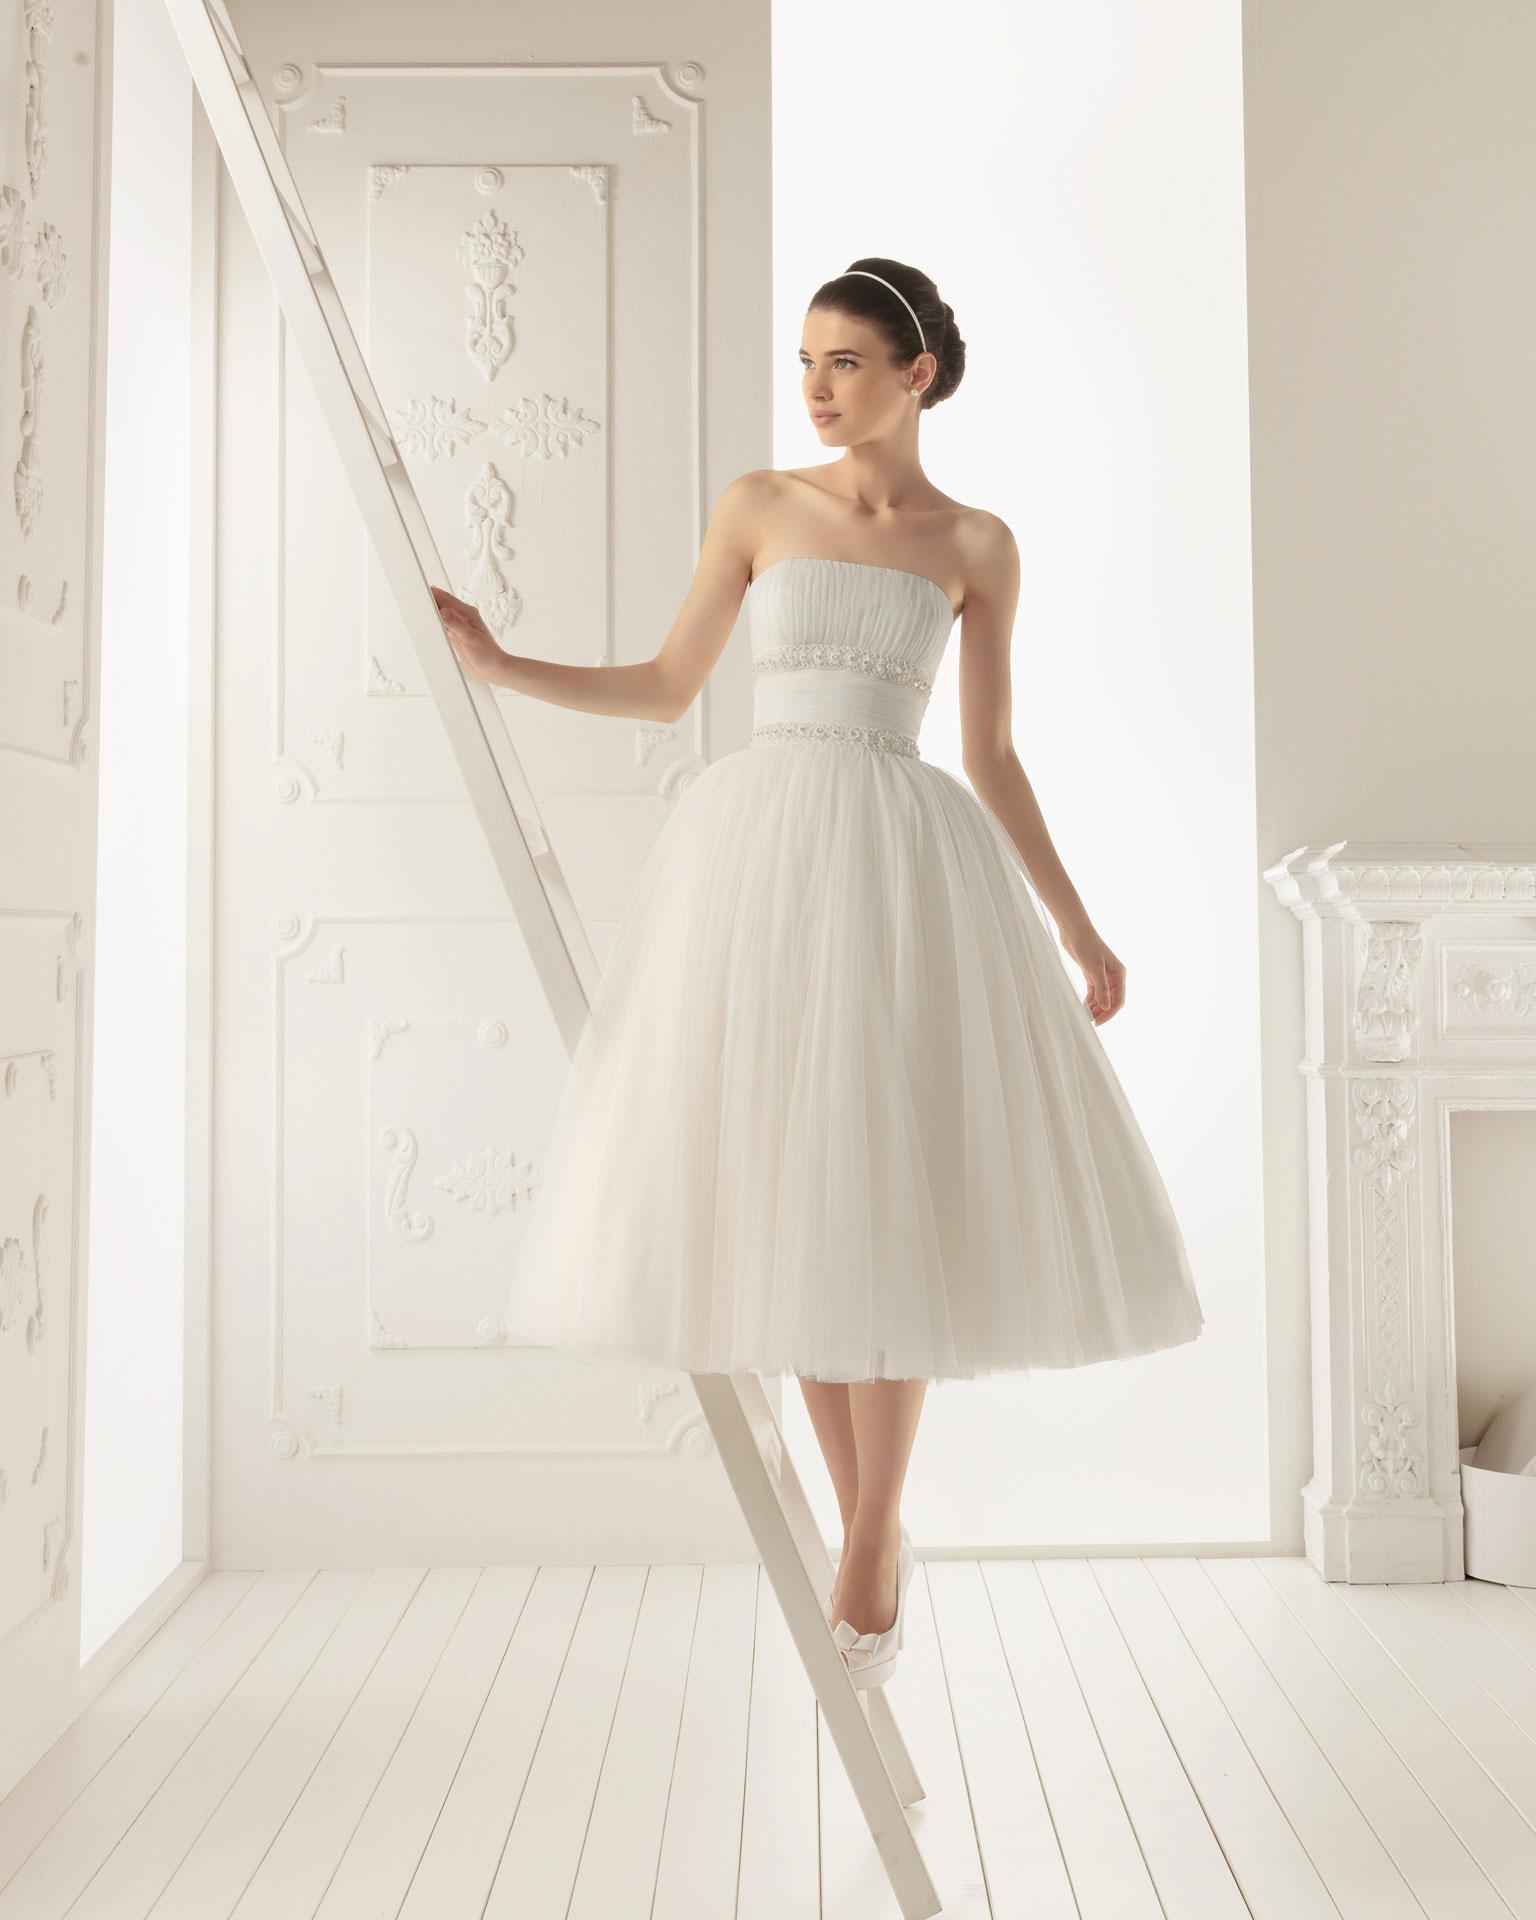 Vestidos de Novia con Mucho Volumen | Tu Boda de Blog - Paperblog